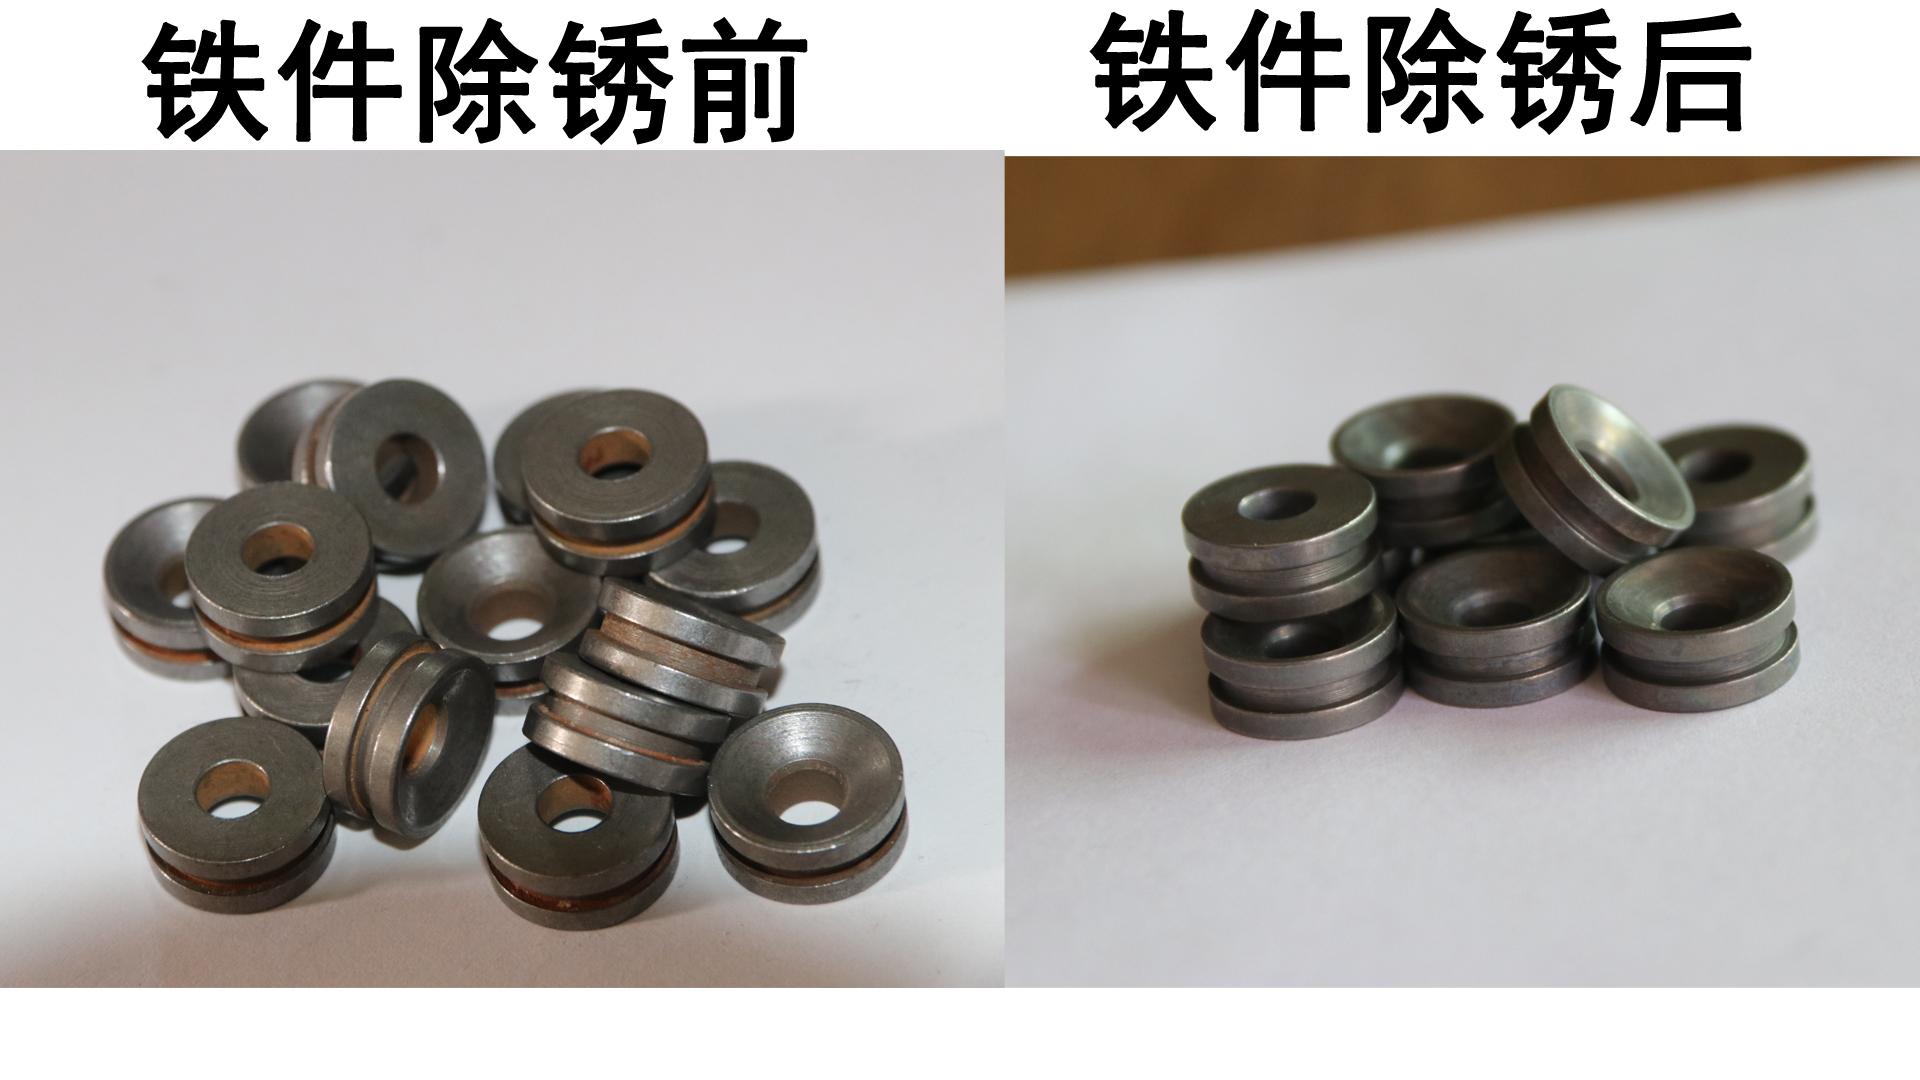 铁件除锈清洗实验视频